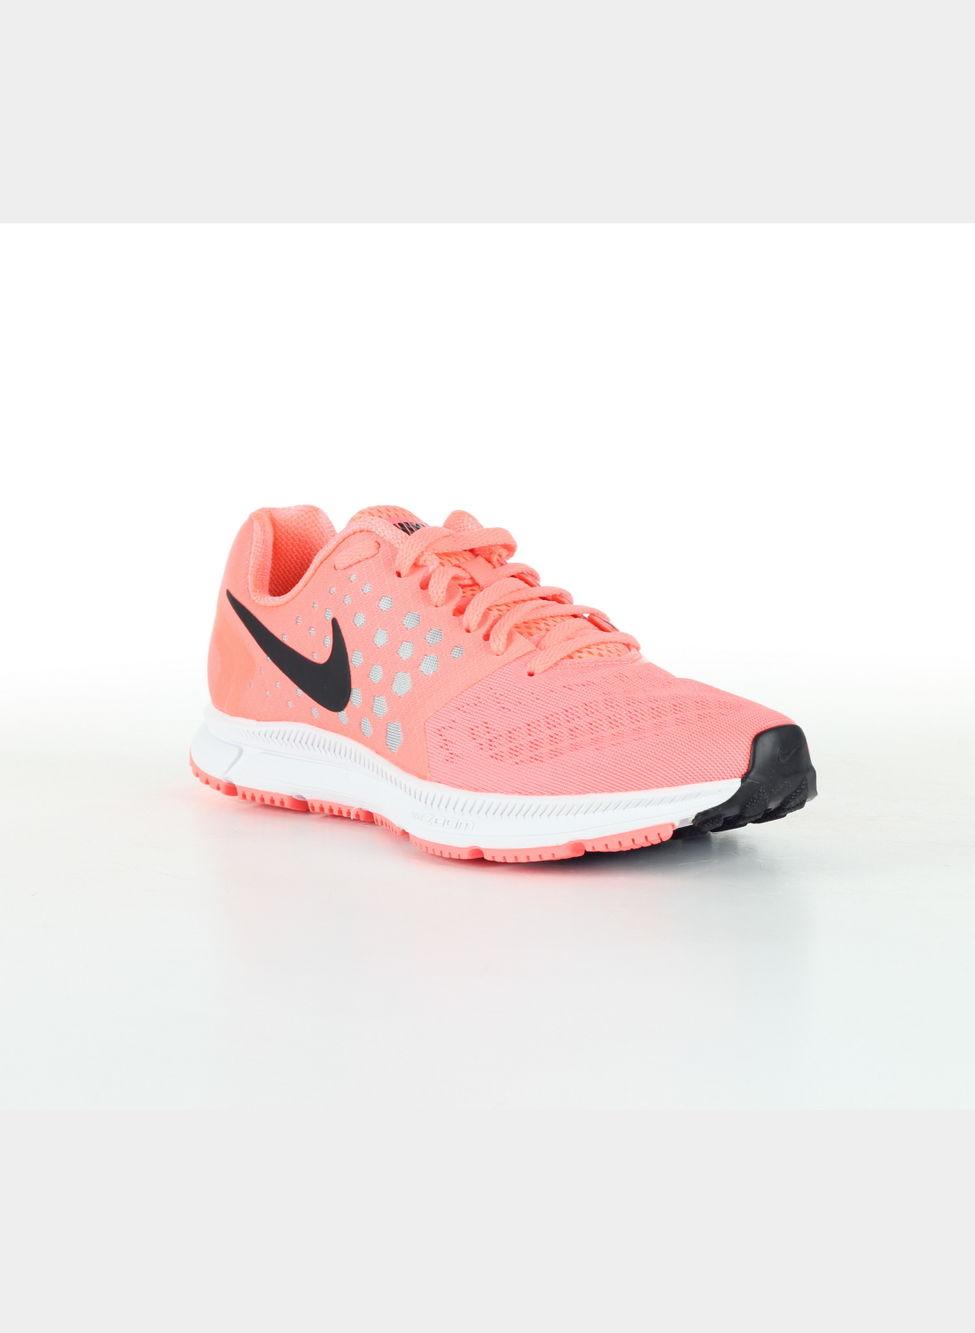 NIKE Zoom Span Sneaker Scarpe Sportive Scarpe da Donna Running Jogging Scarpe 852450